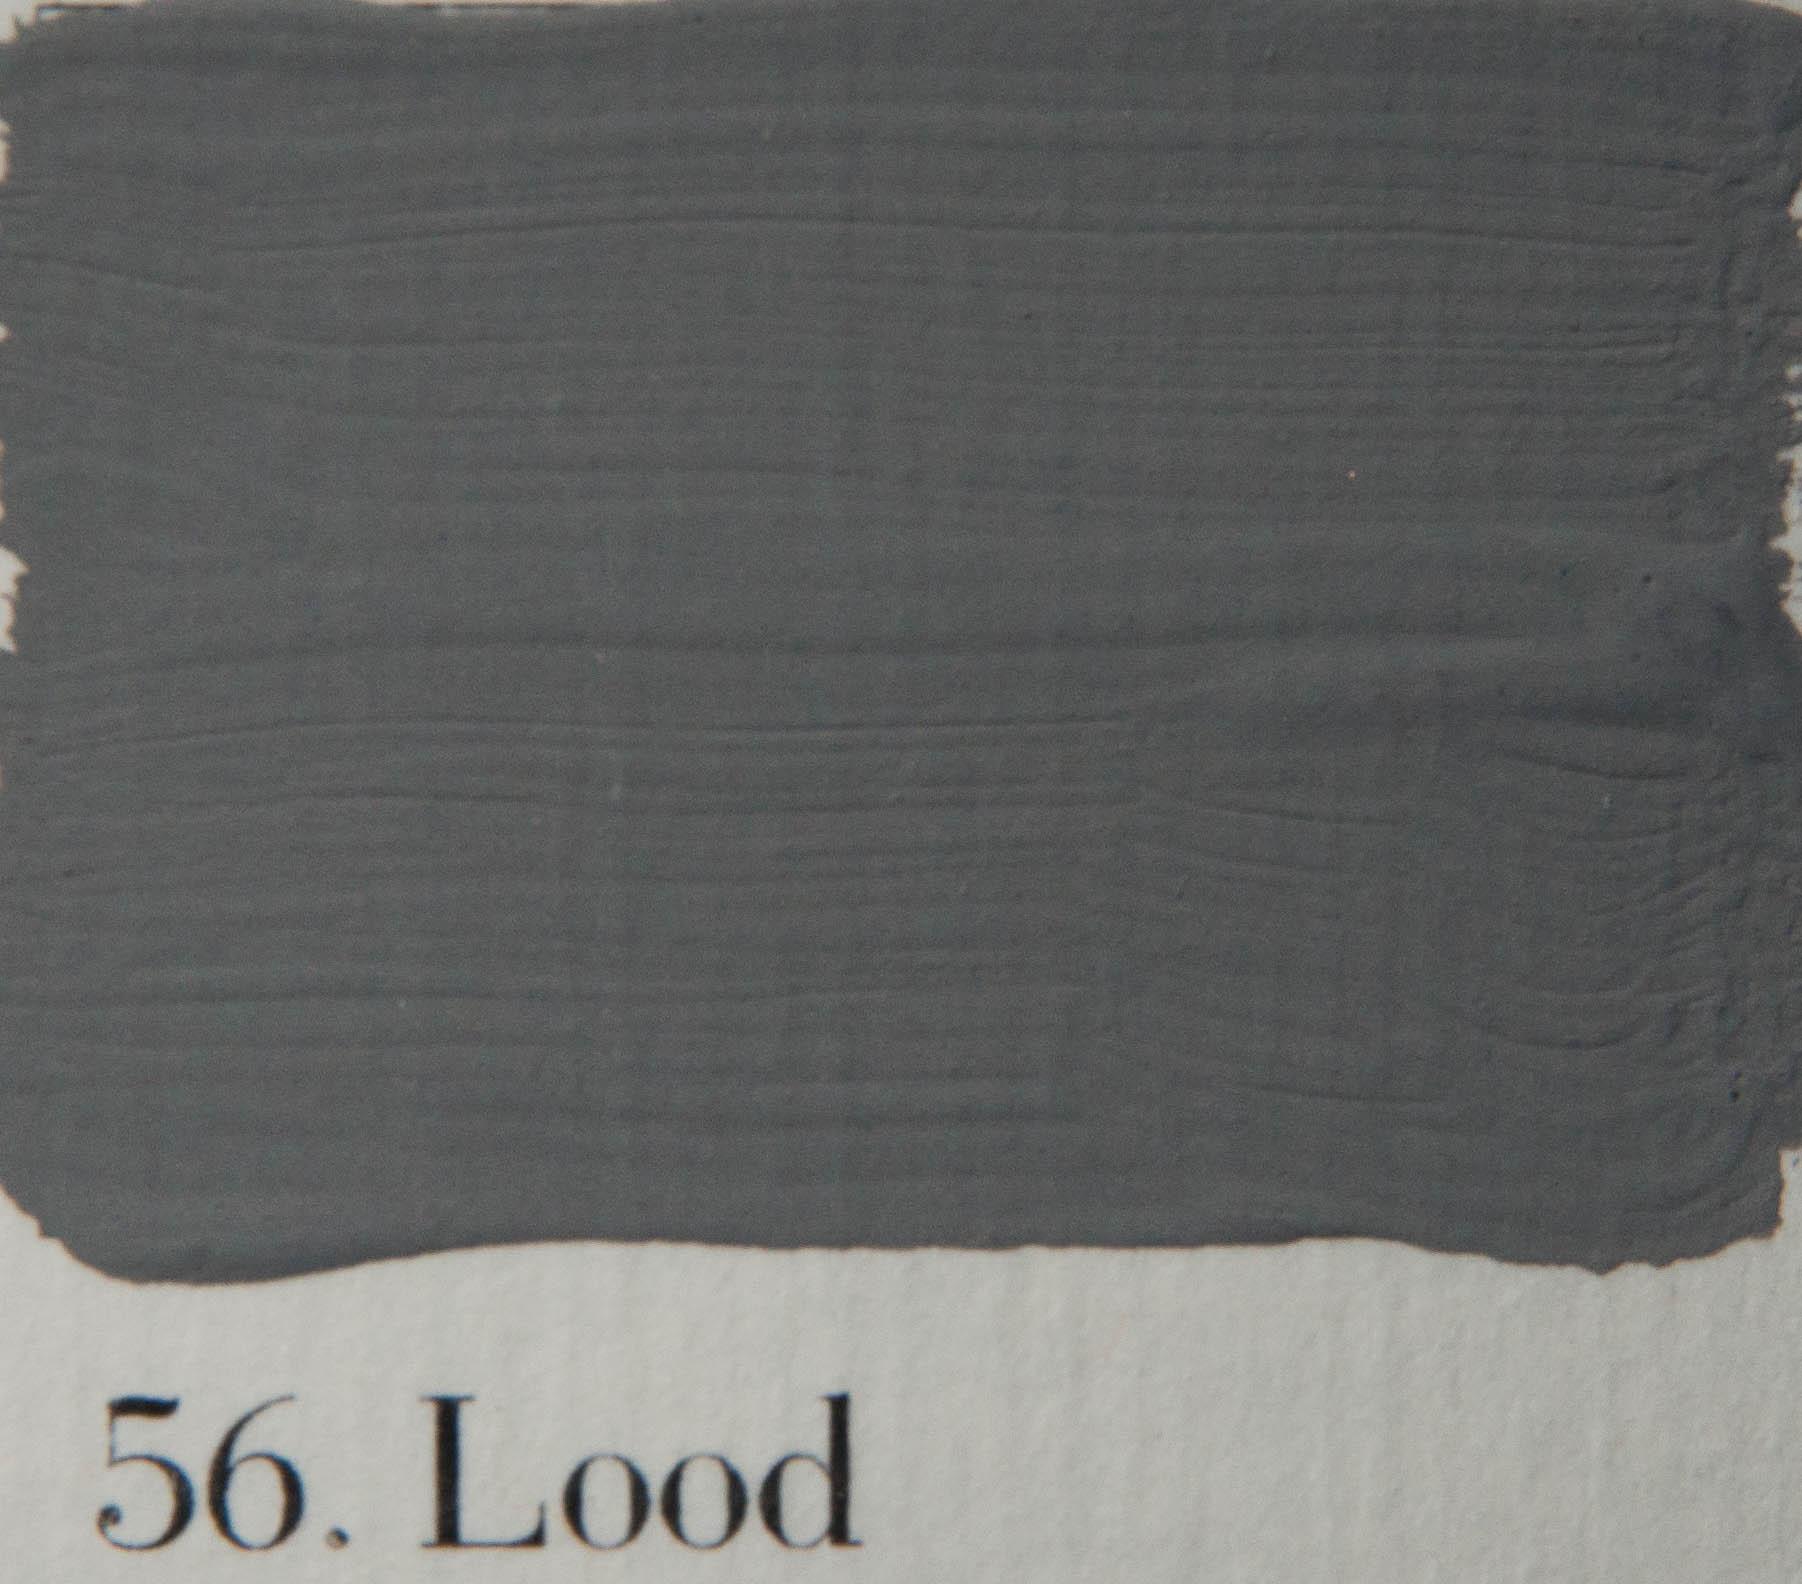 'l Authentique krijtverf 56. Lood